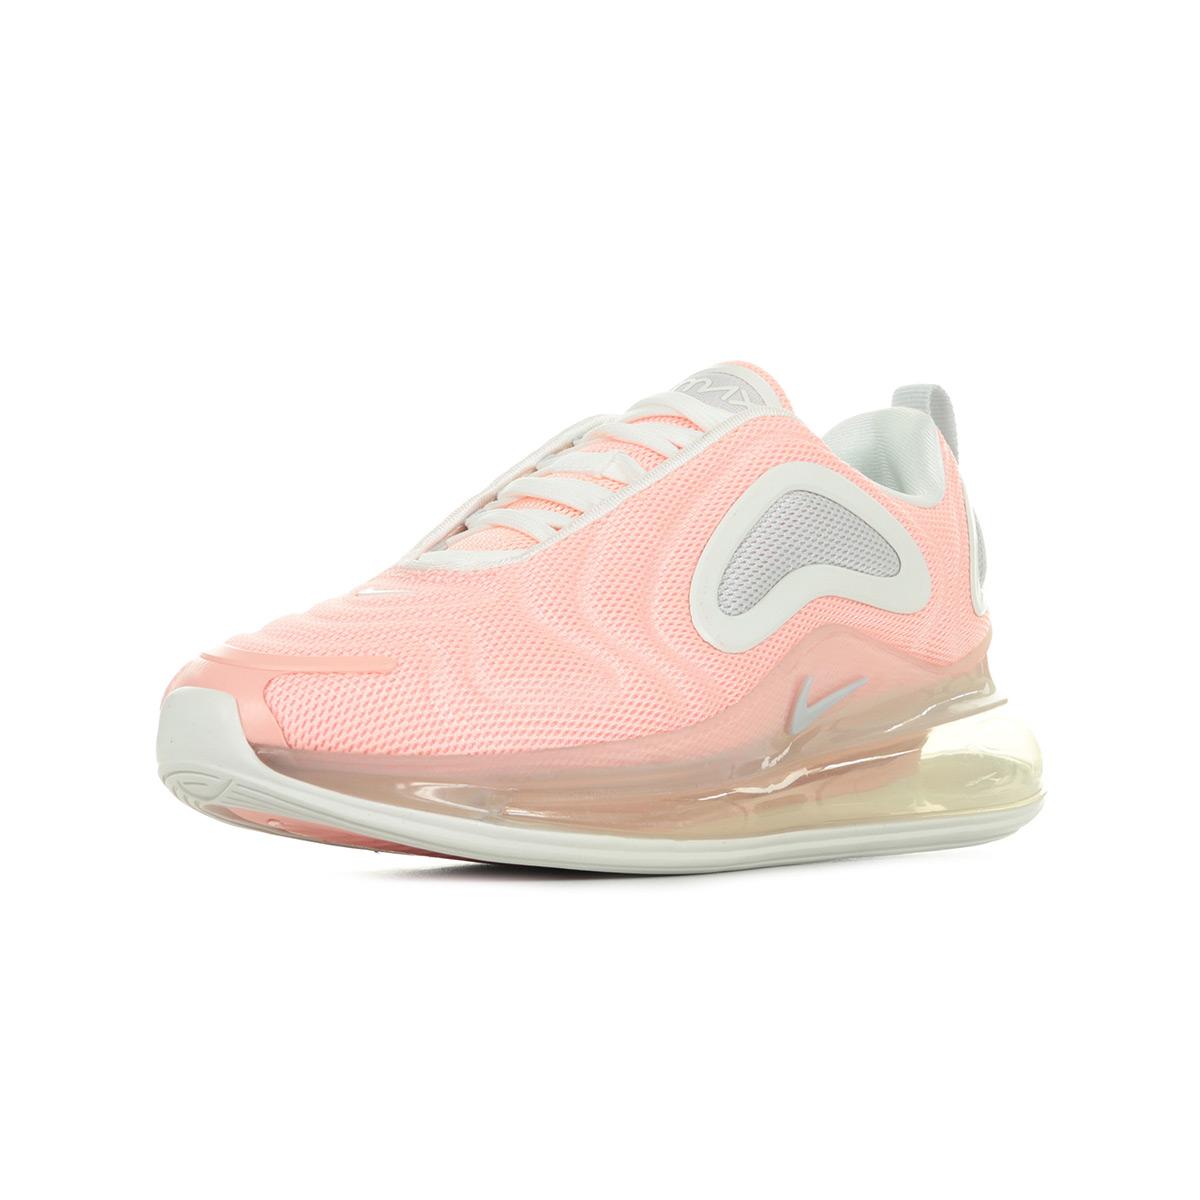 Détails sur Chaussures Baskets Nike femme Air Max 720 Wn's taille Rose Textile Lacets